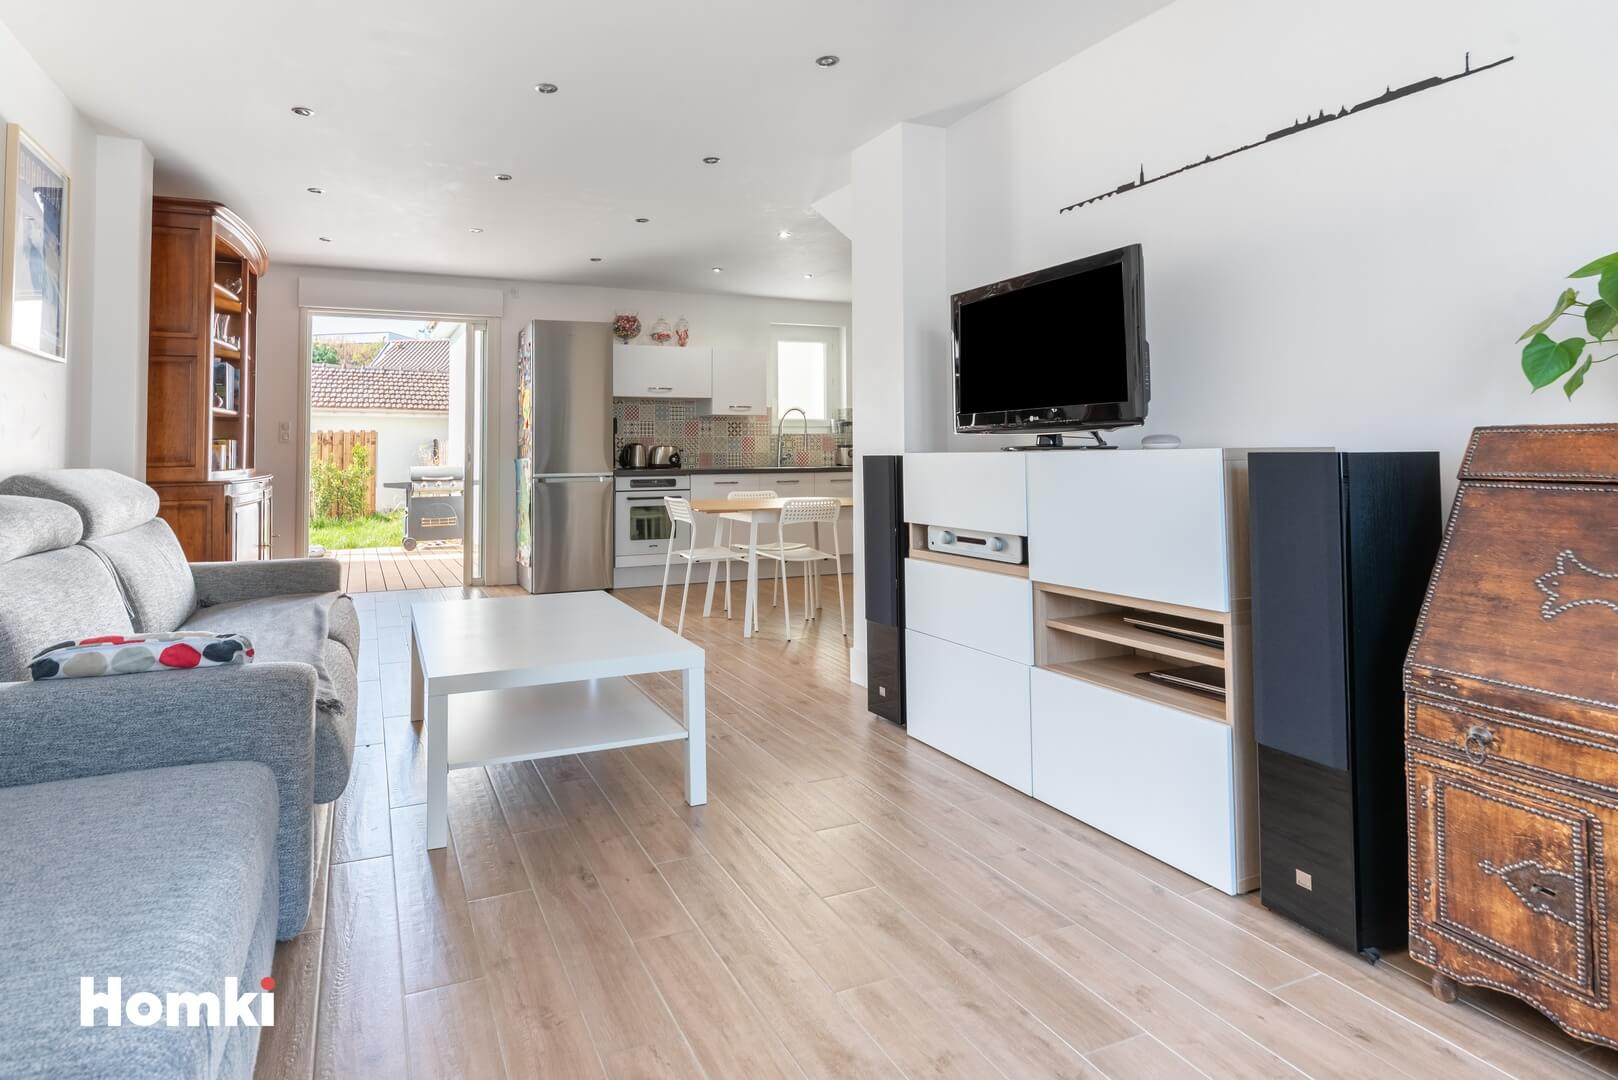 Homki - Vente Maison de ville  de 93.0 m² à Bordeaux 33100